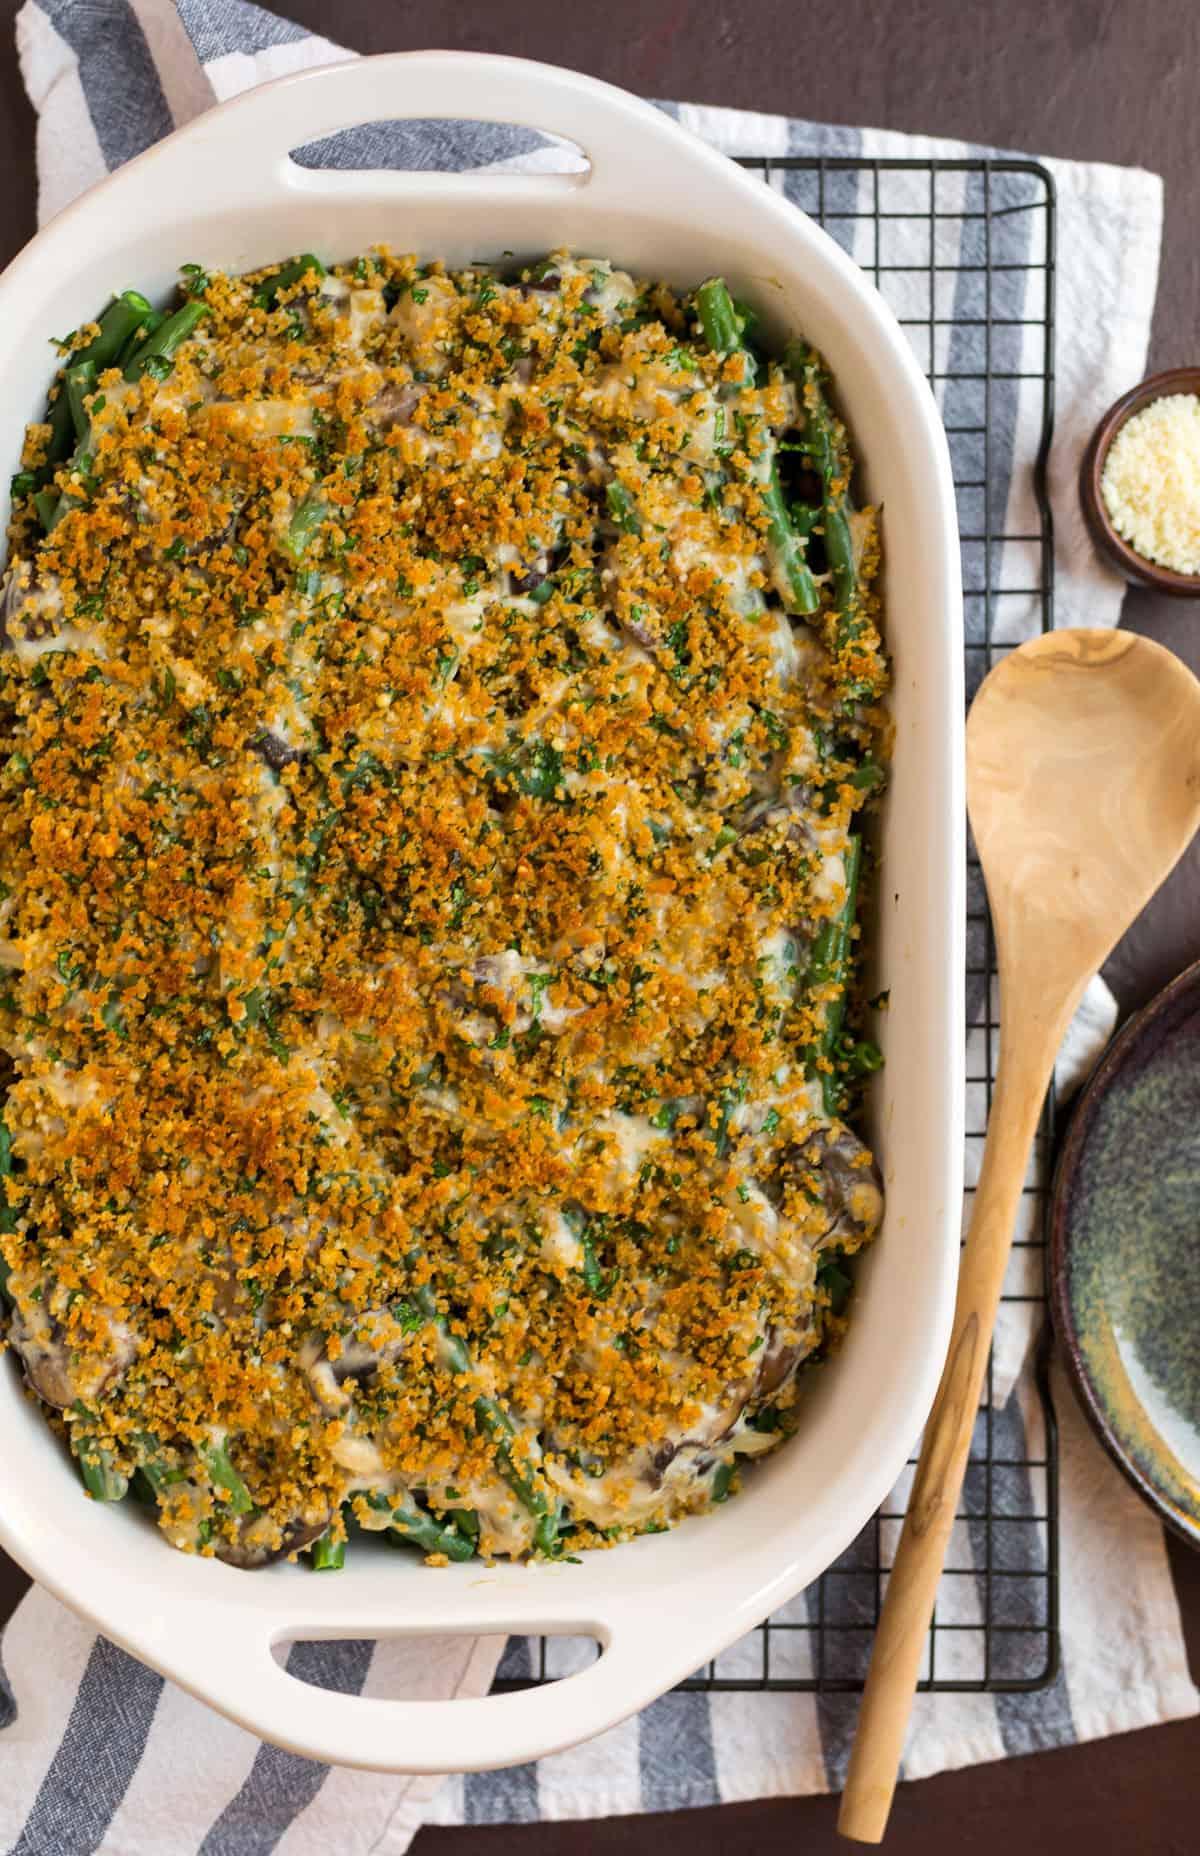 Una fuente para hornear con una olla de judías verdes saludables.